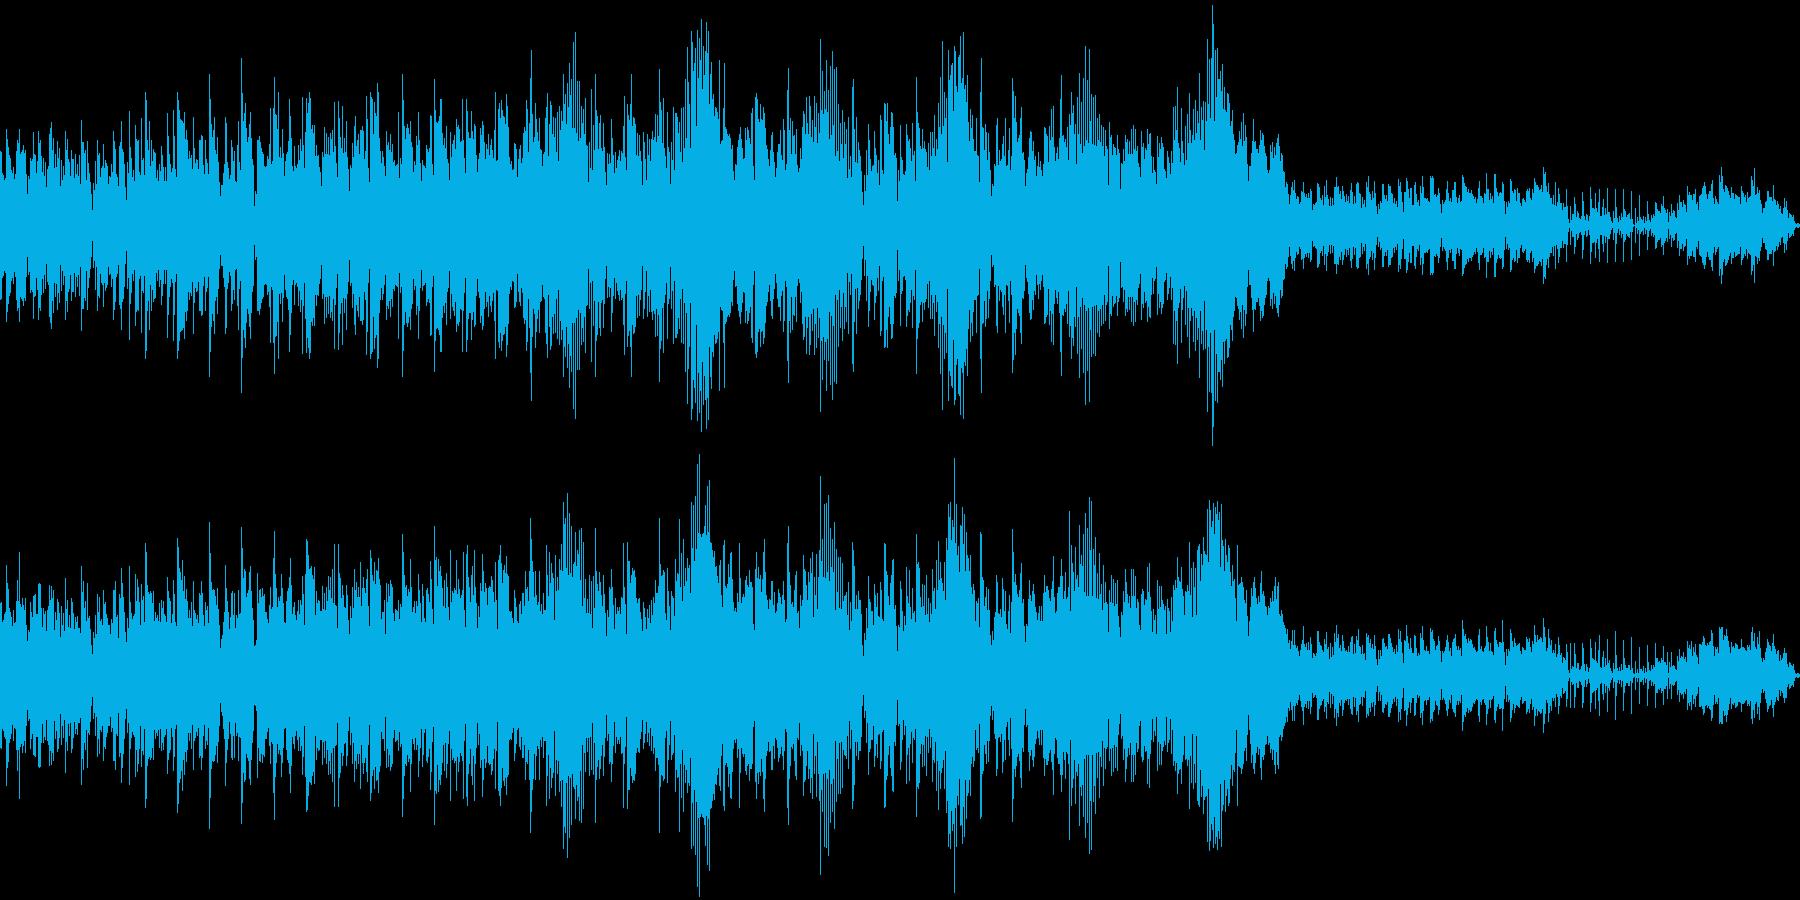 軽やかなポップエレクトロの再生済みの波形